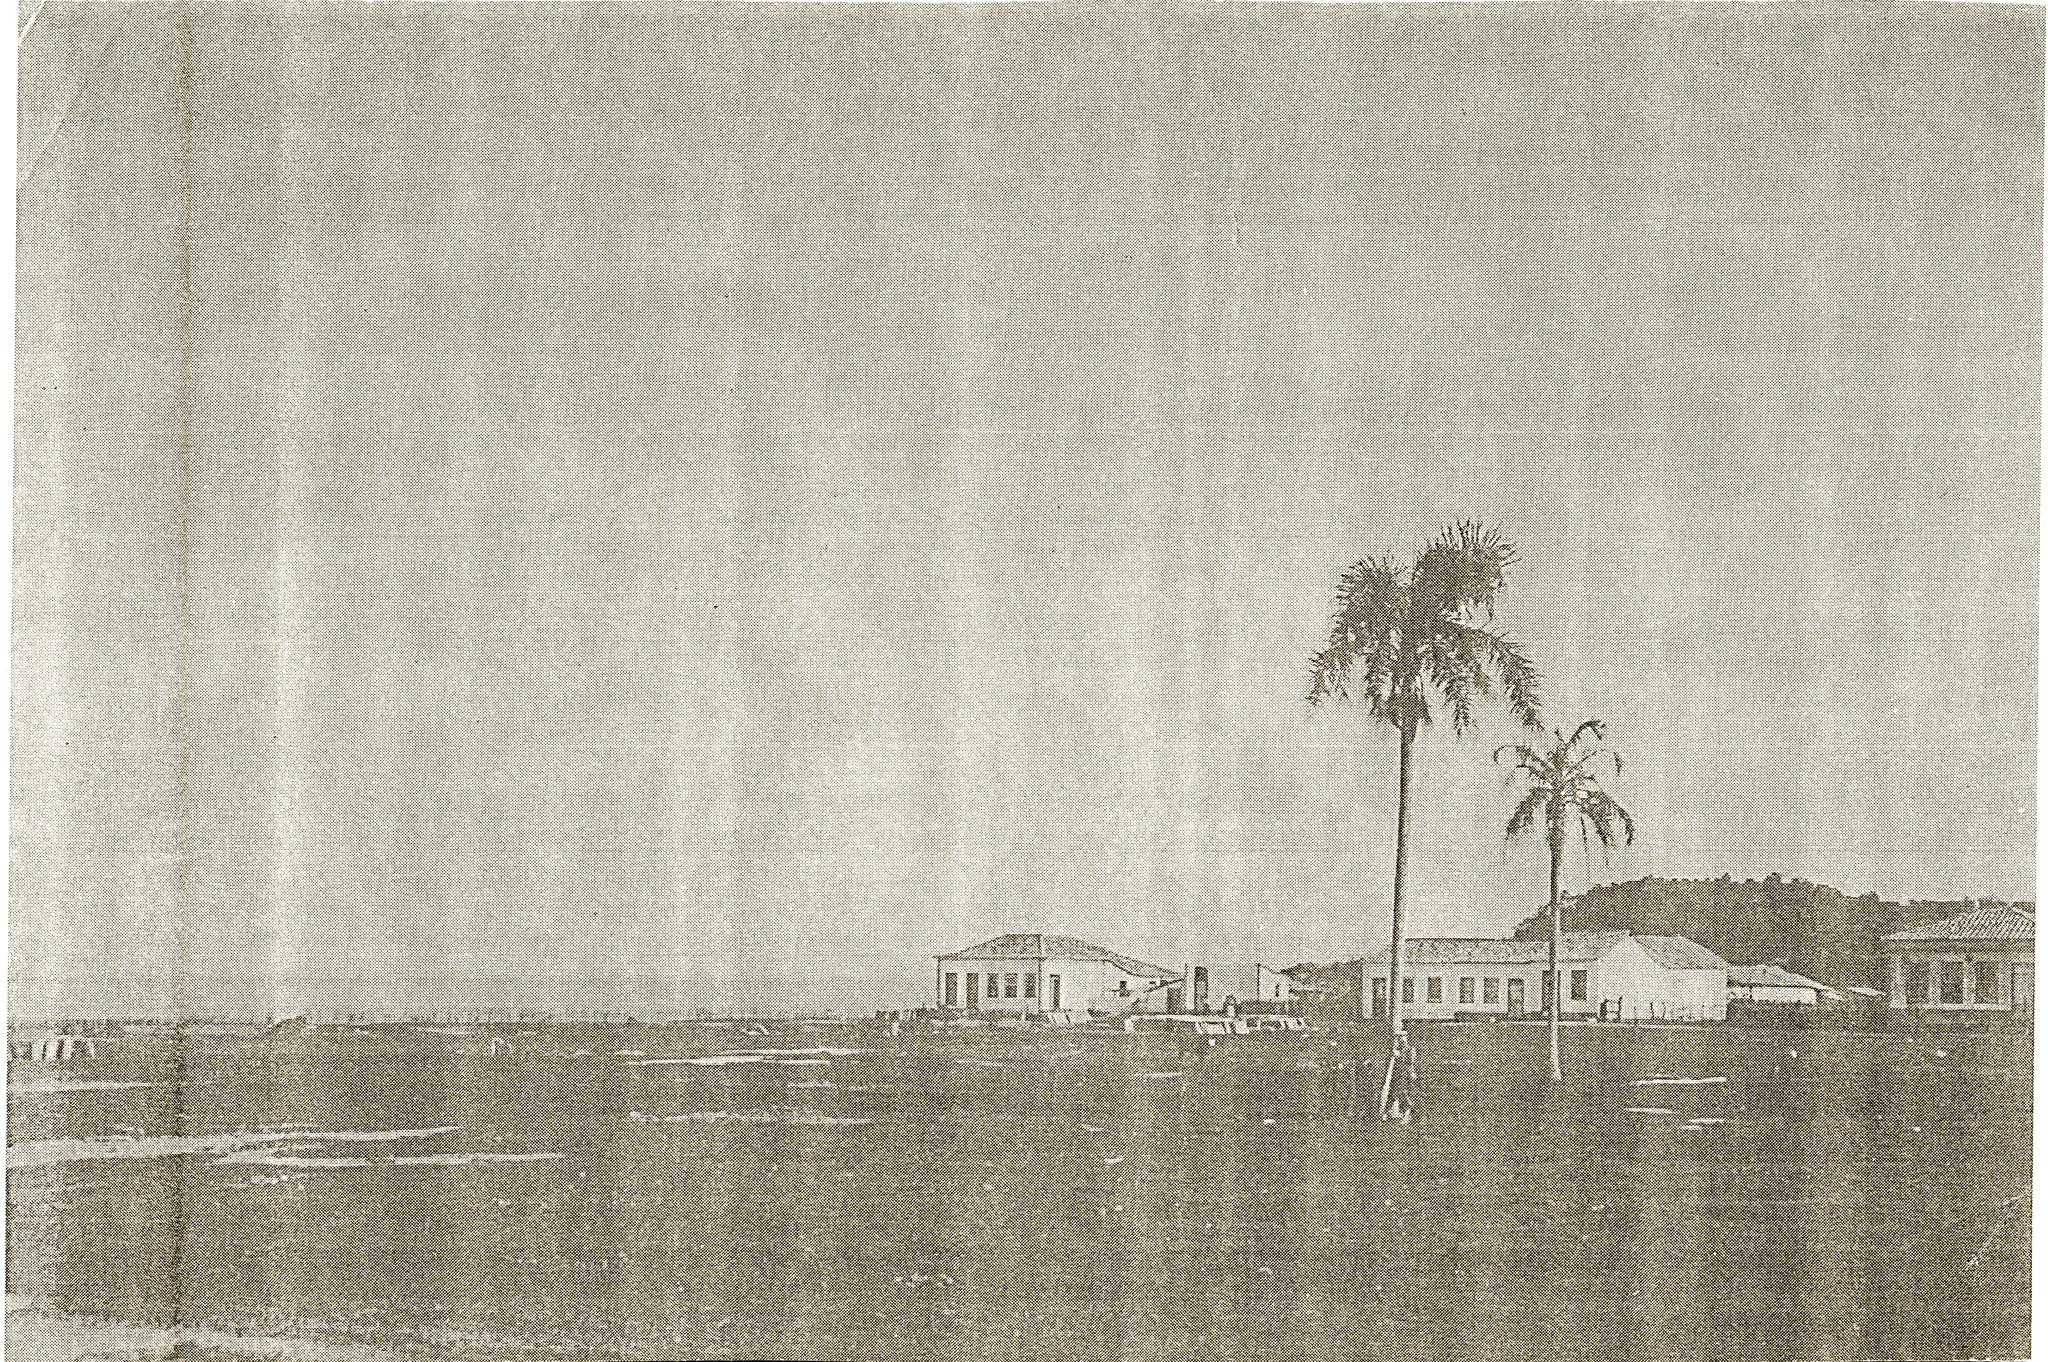 Uma das primeiras casas do bairro. Na época, a Praça Inácio Antonio da Silva ainda não existia.